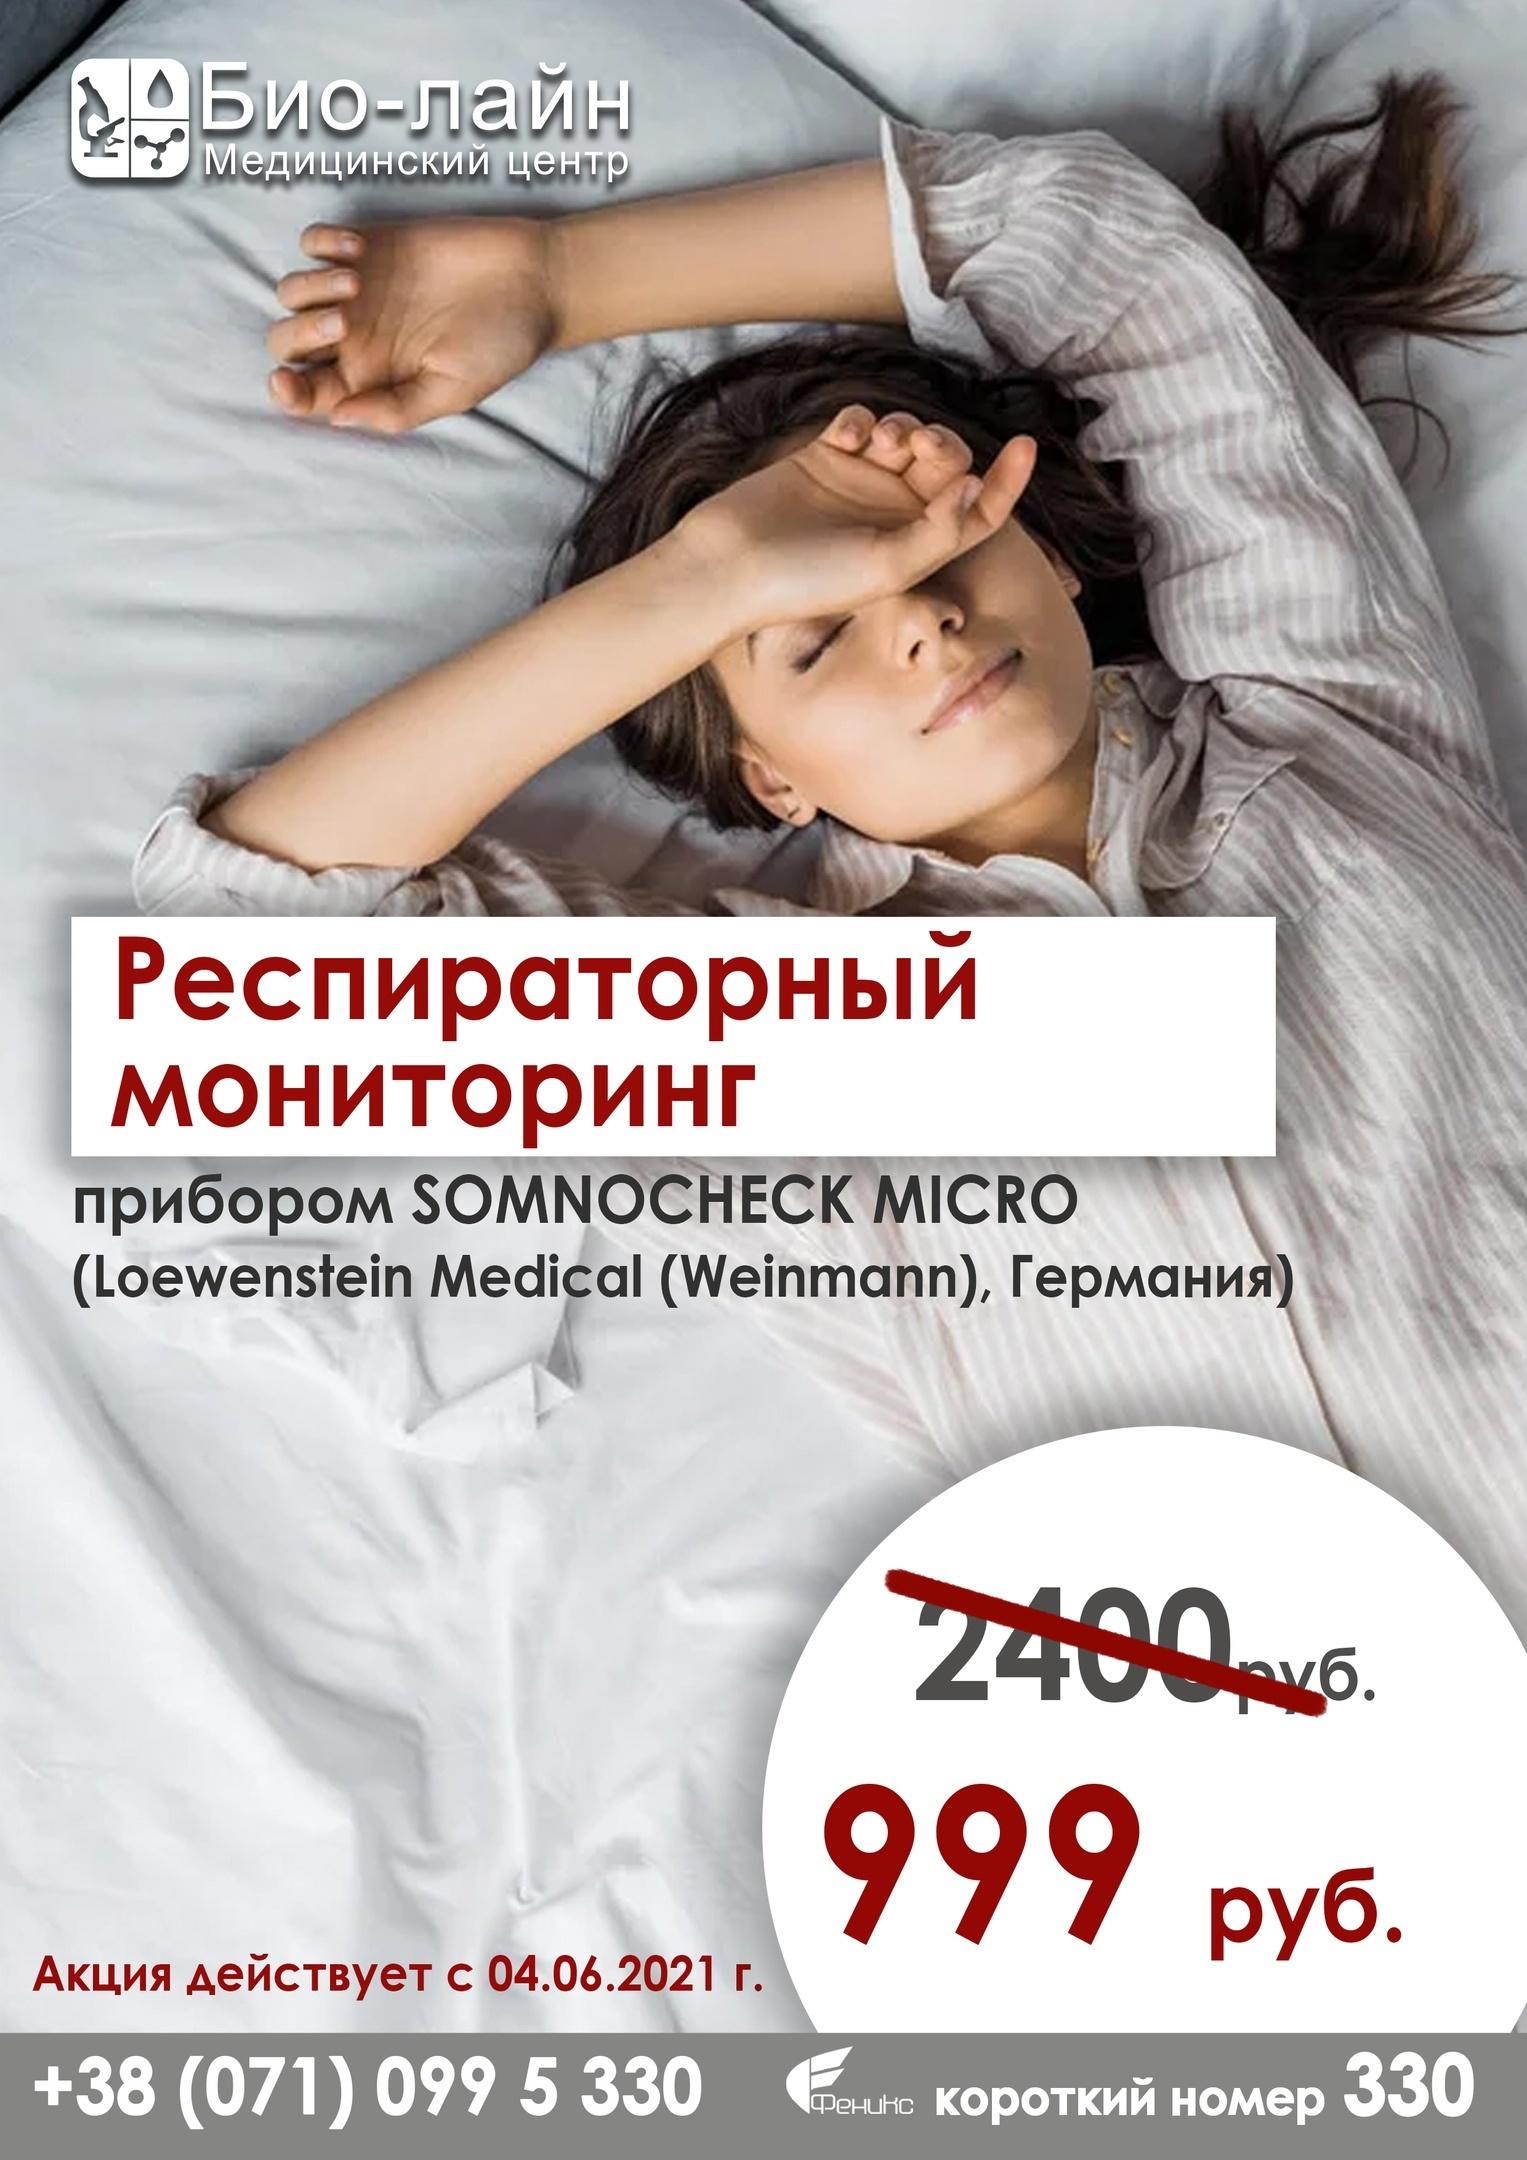 Медицинский центр Био-Лайн 1 oskq9s08roy